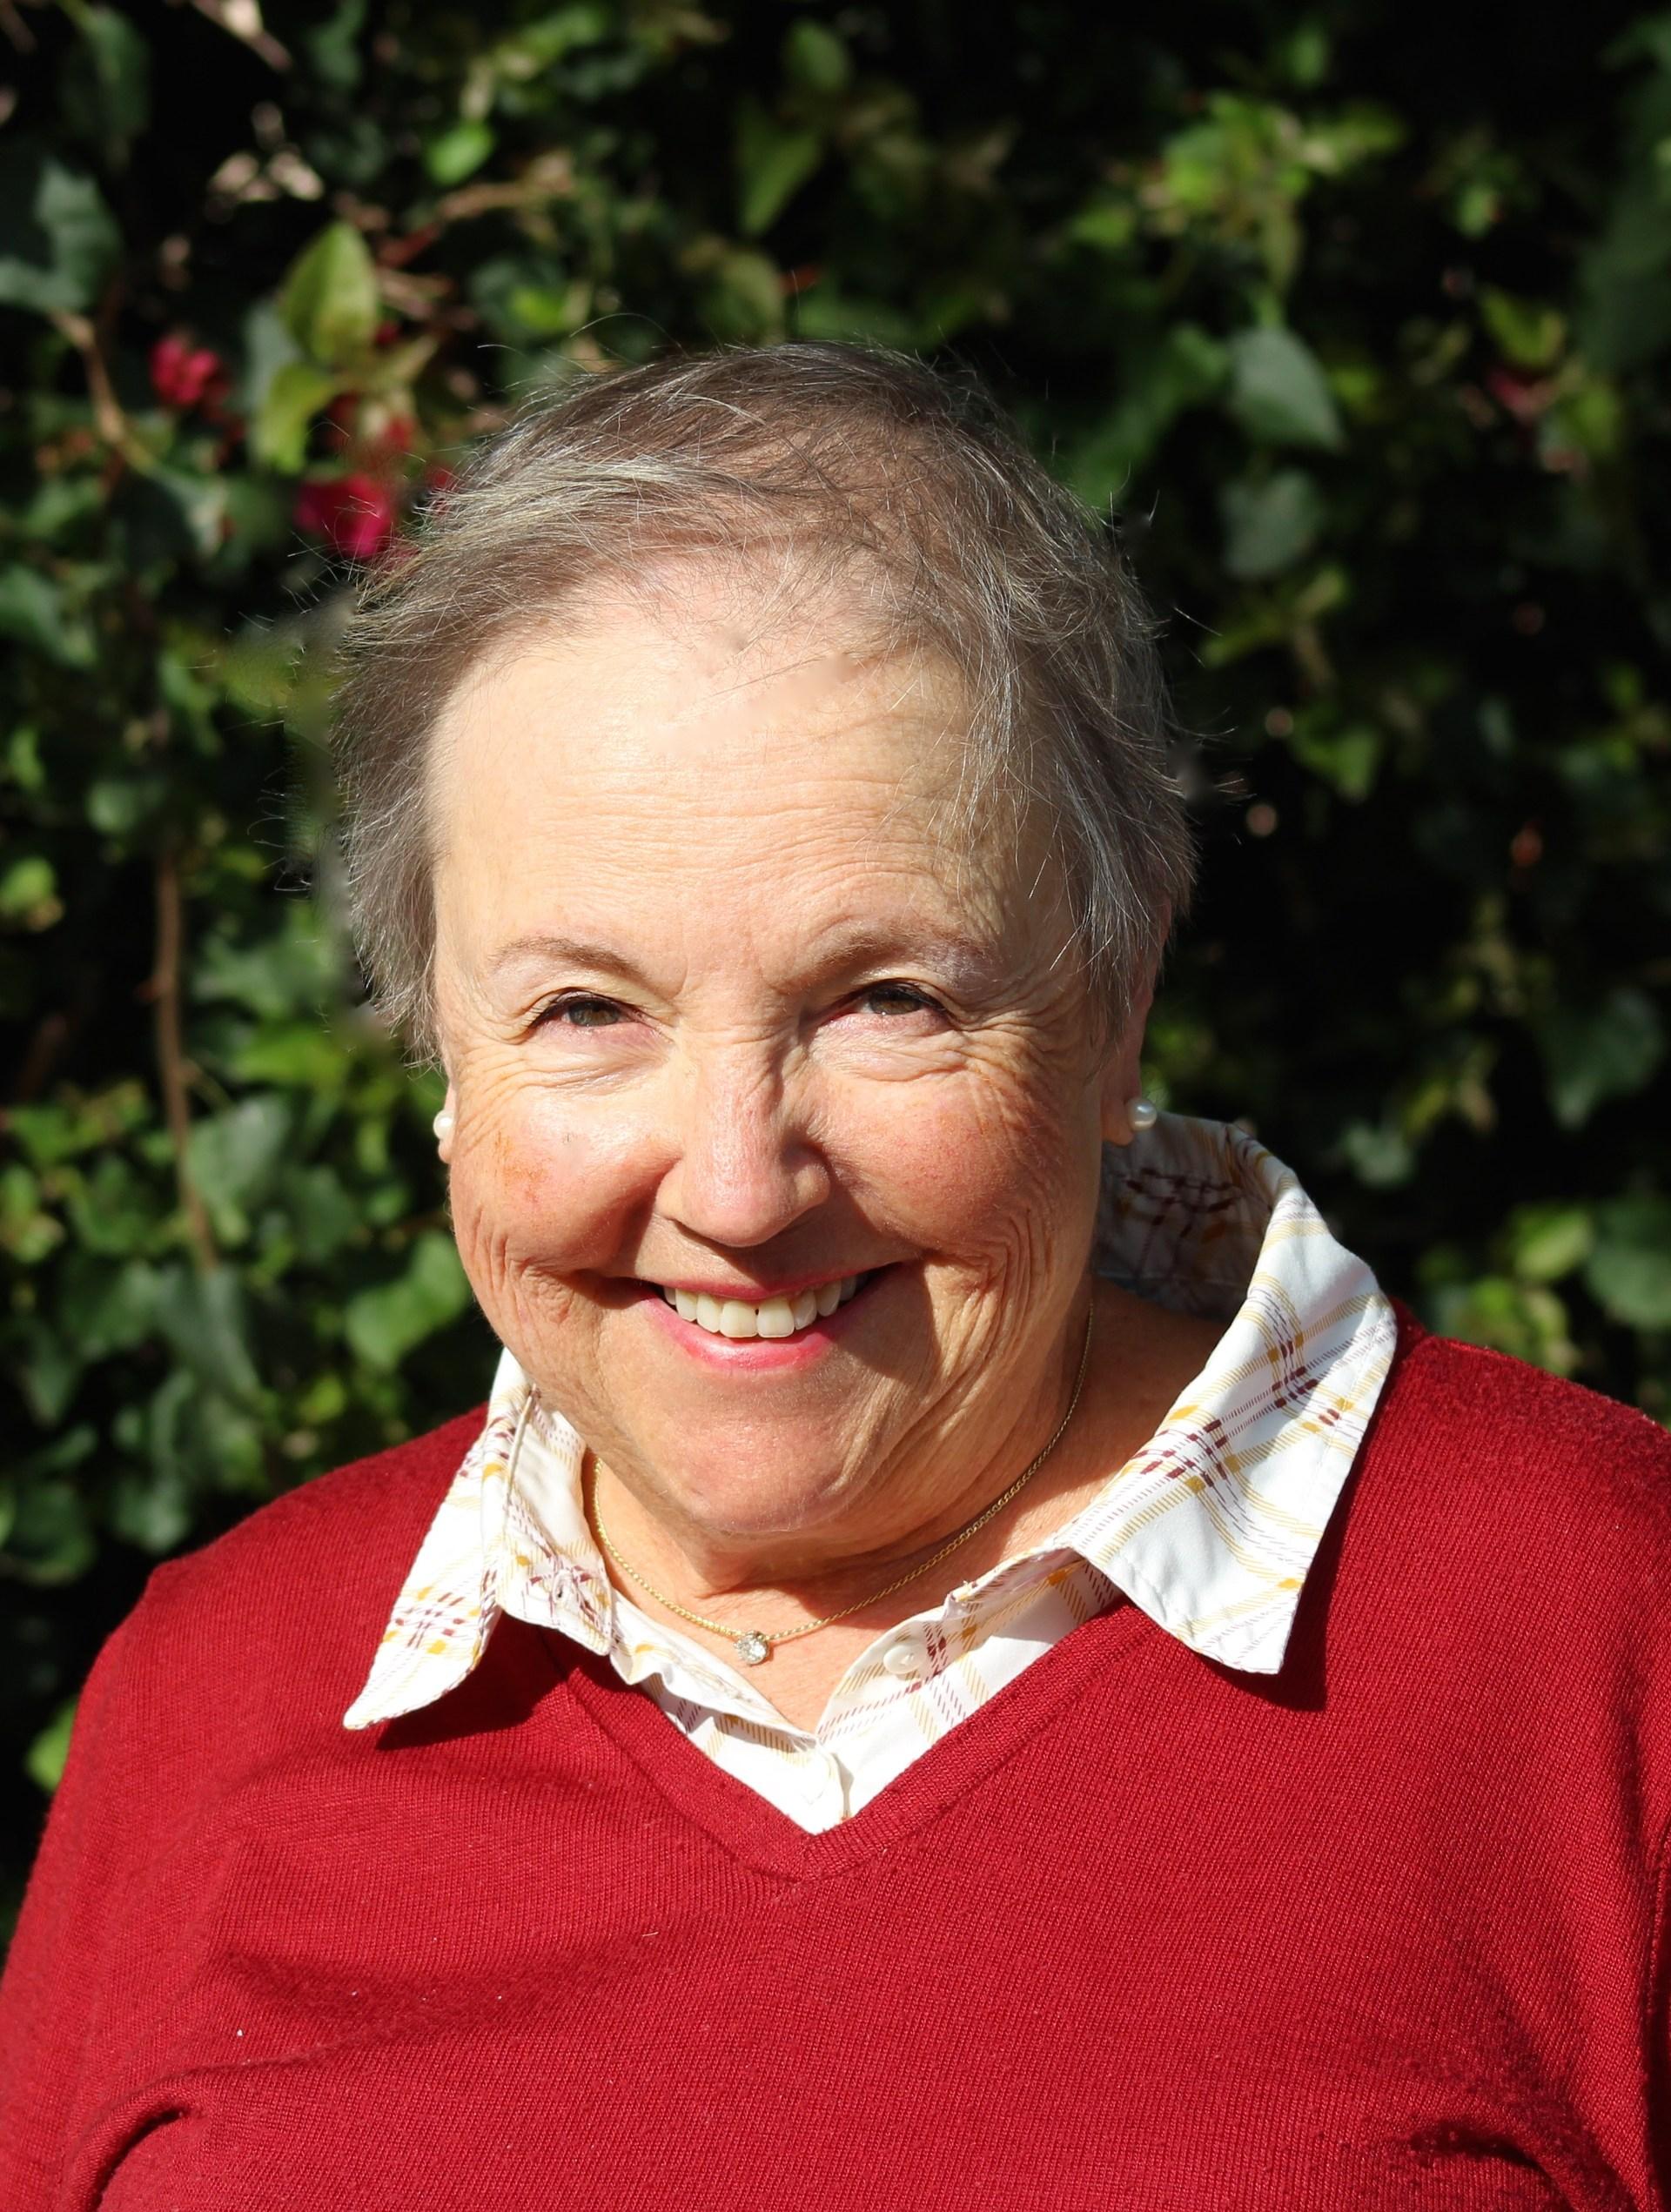 Linda Beven